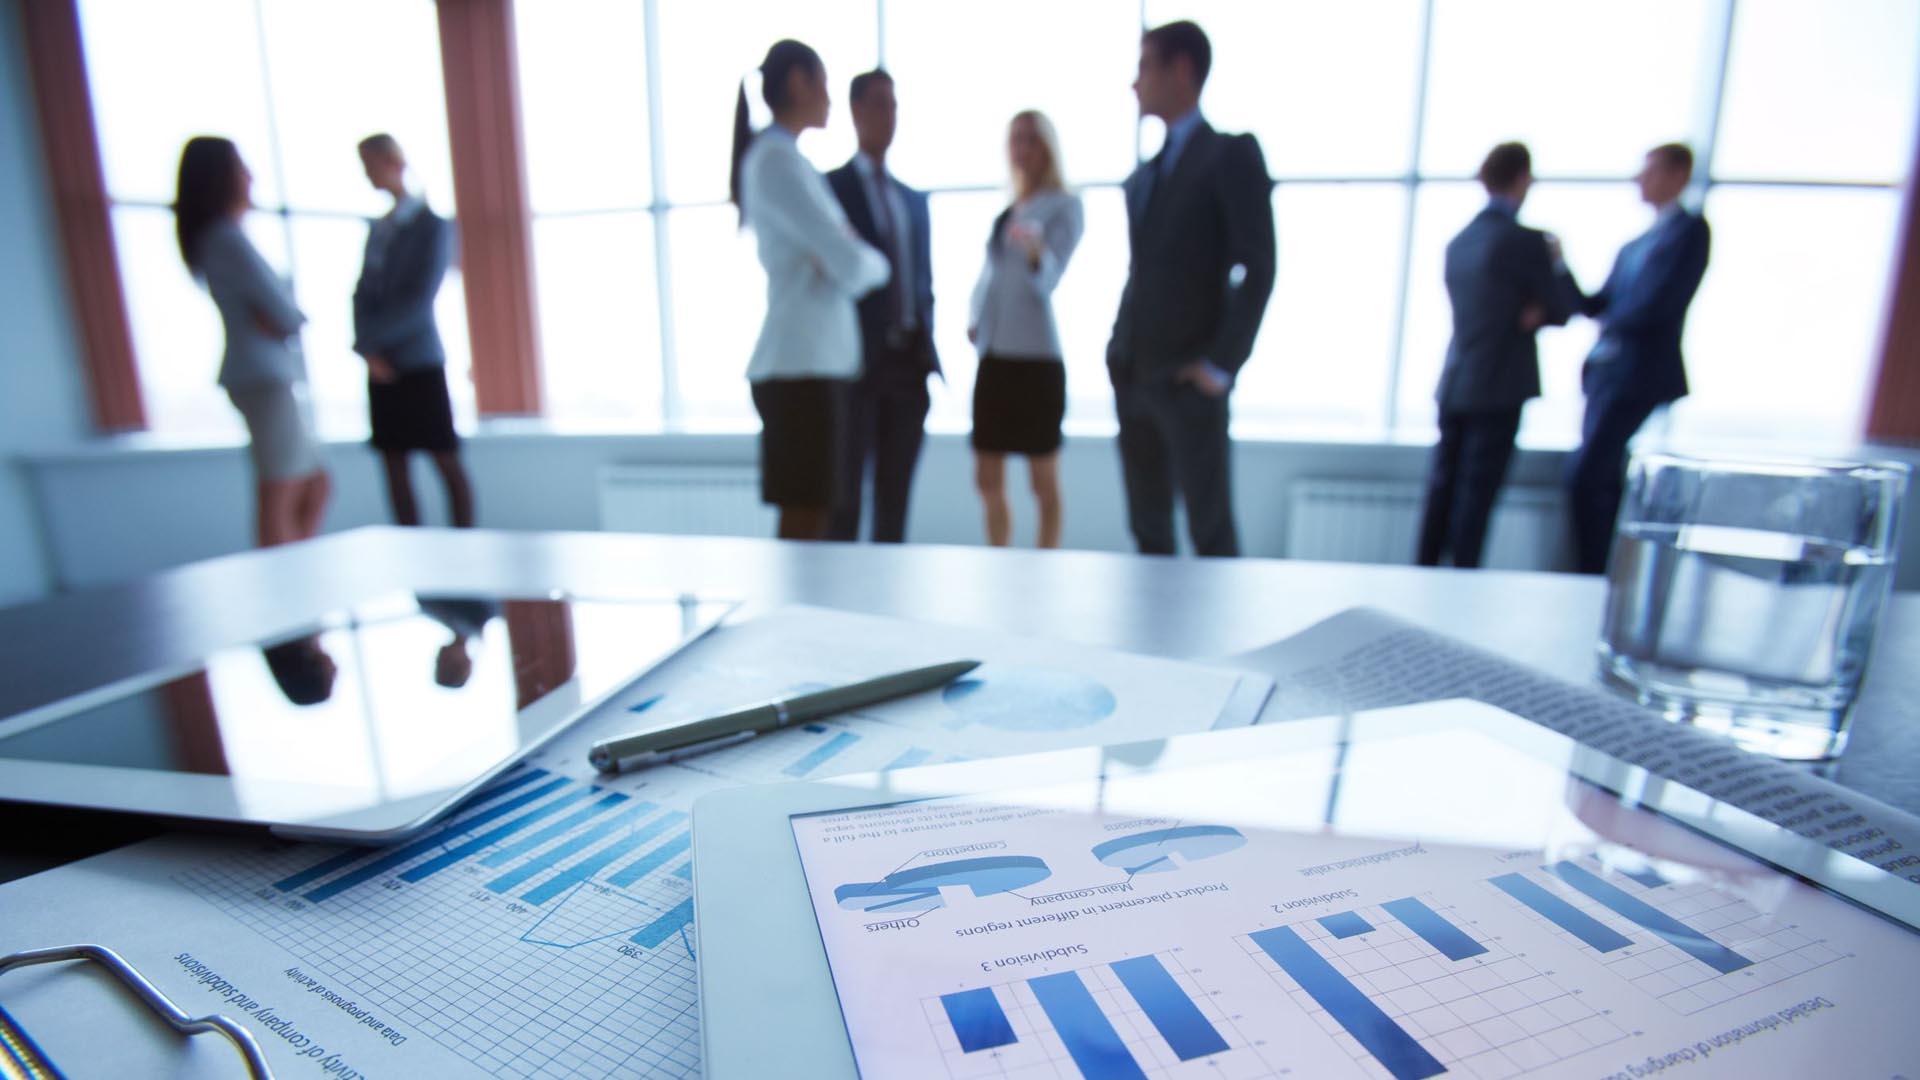 Le necessità del mercato per gli studi professionali: guida